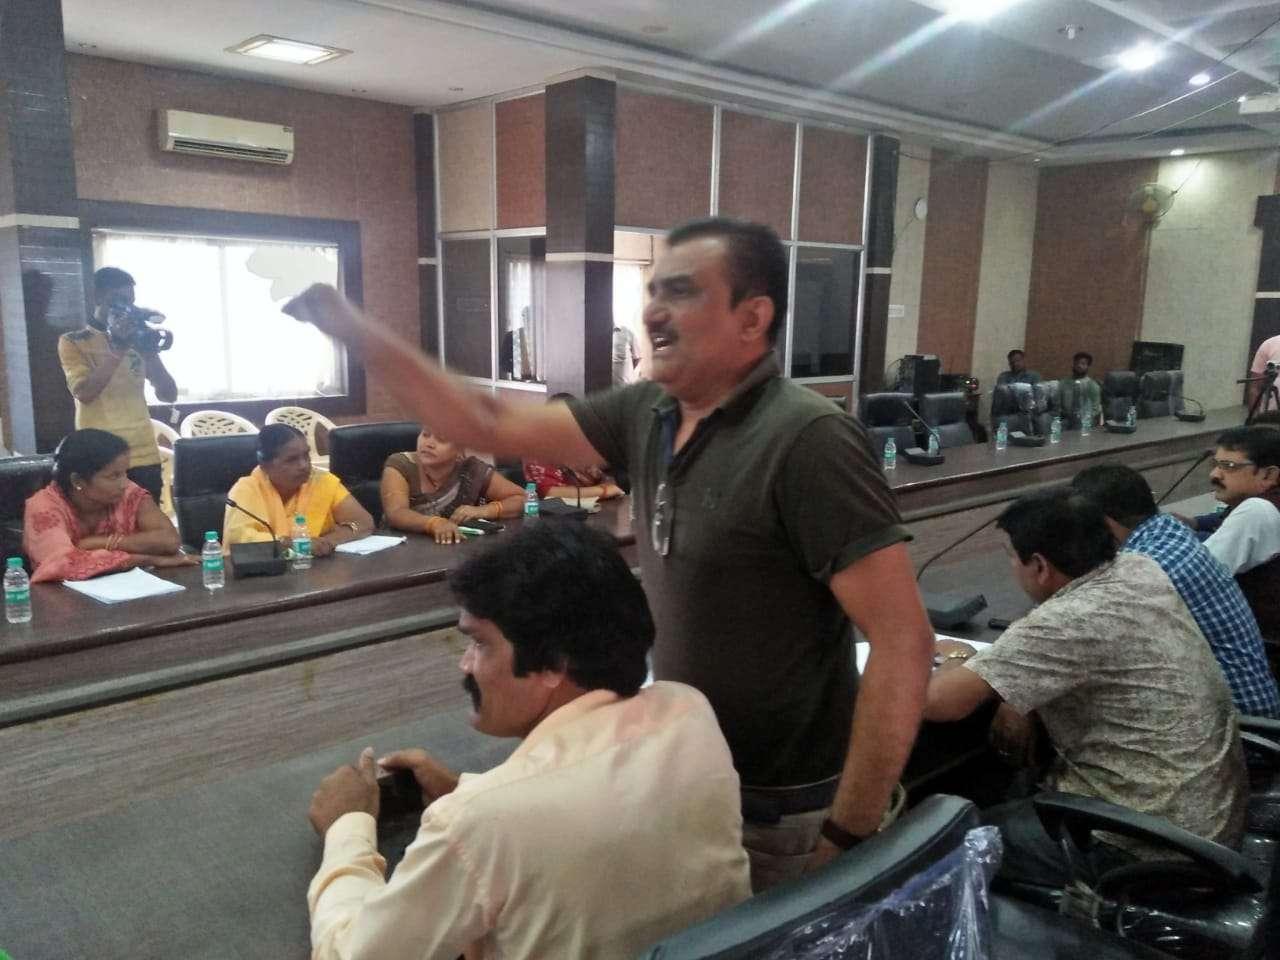 भाजपा पार्षद ने लगाया सभापति पर आरोप, कहा- कमाई करने के लिए हो रही है सामान्य सभा की बैठक